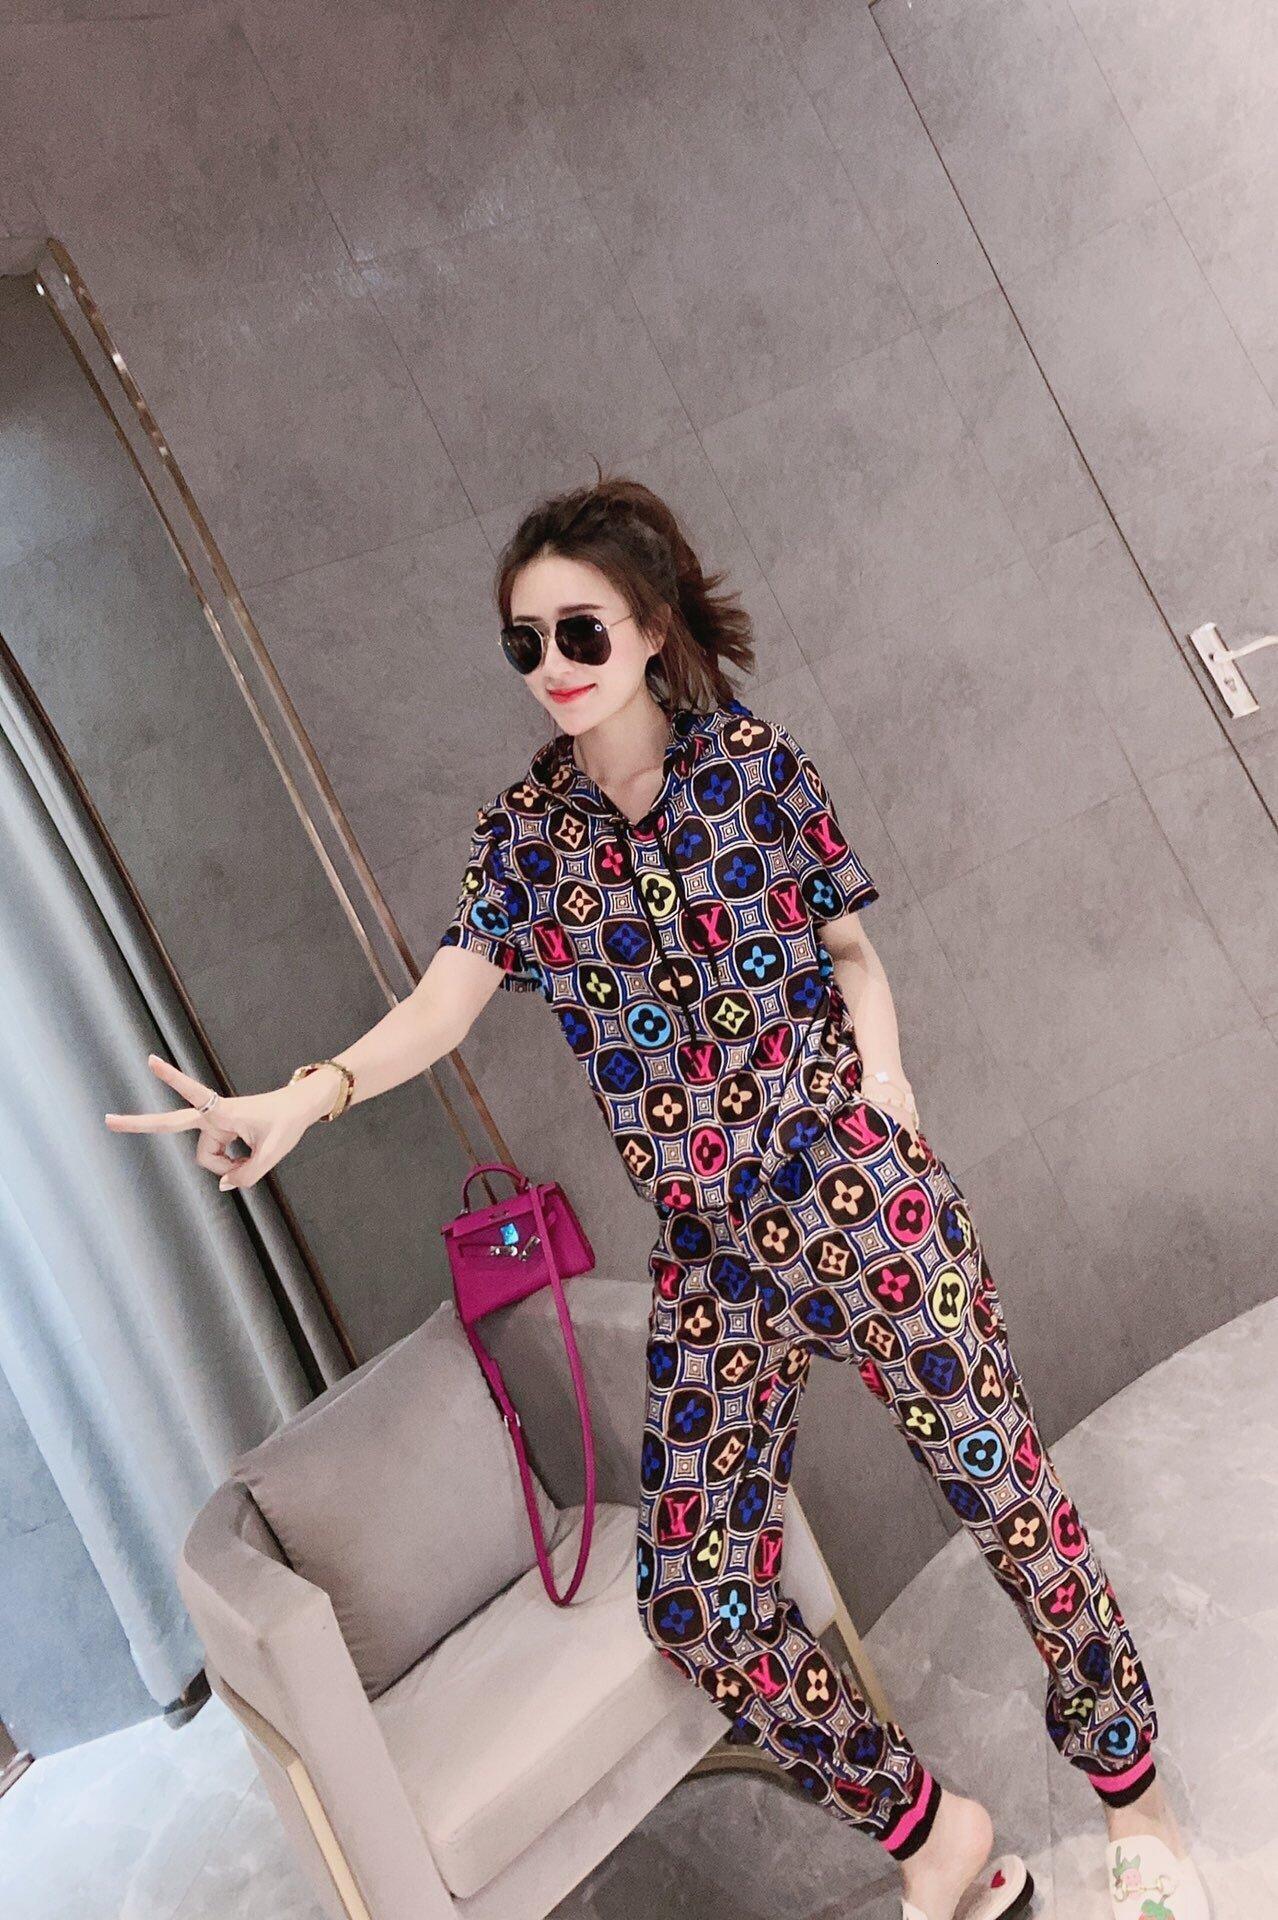 Desenhador mulheres sportswear mulheres do desenhador duas peças roupas o novo envio gratuito listando melhor favorito recomendar ocasional BT4J charme